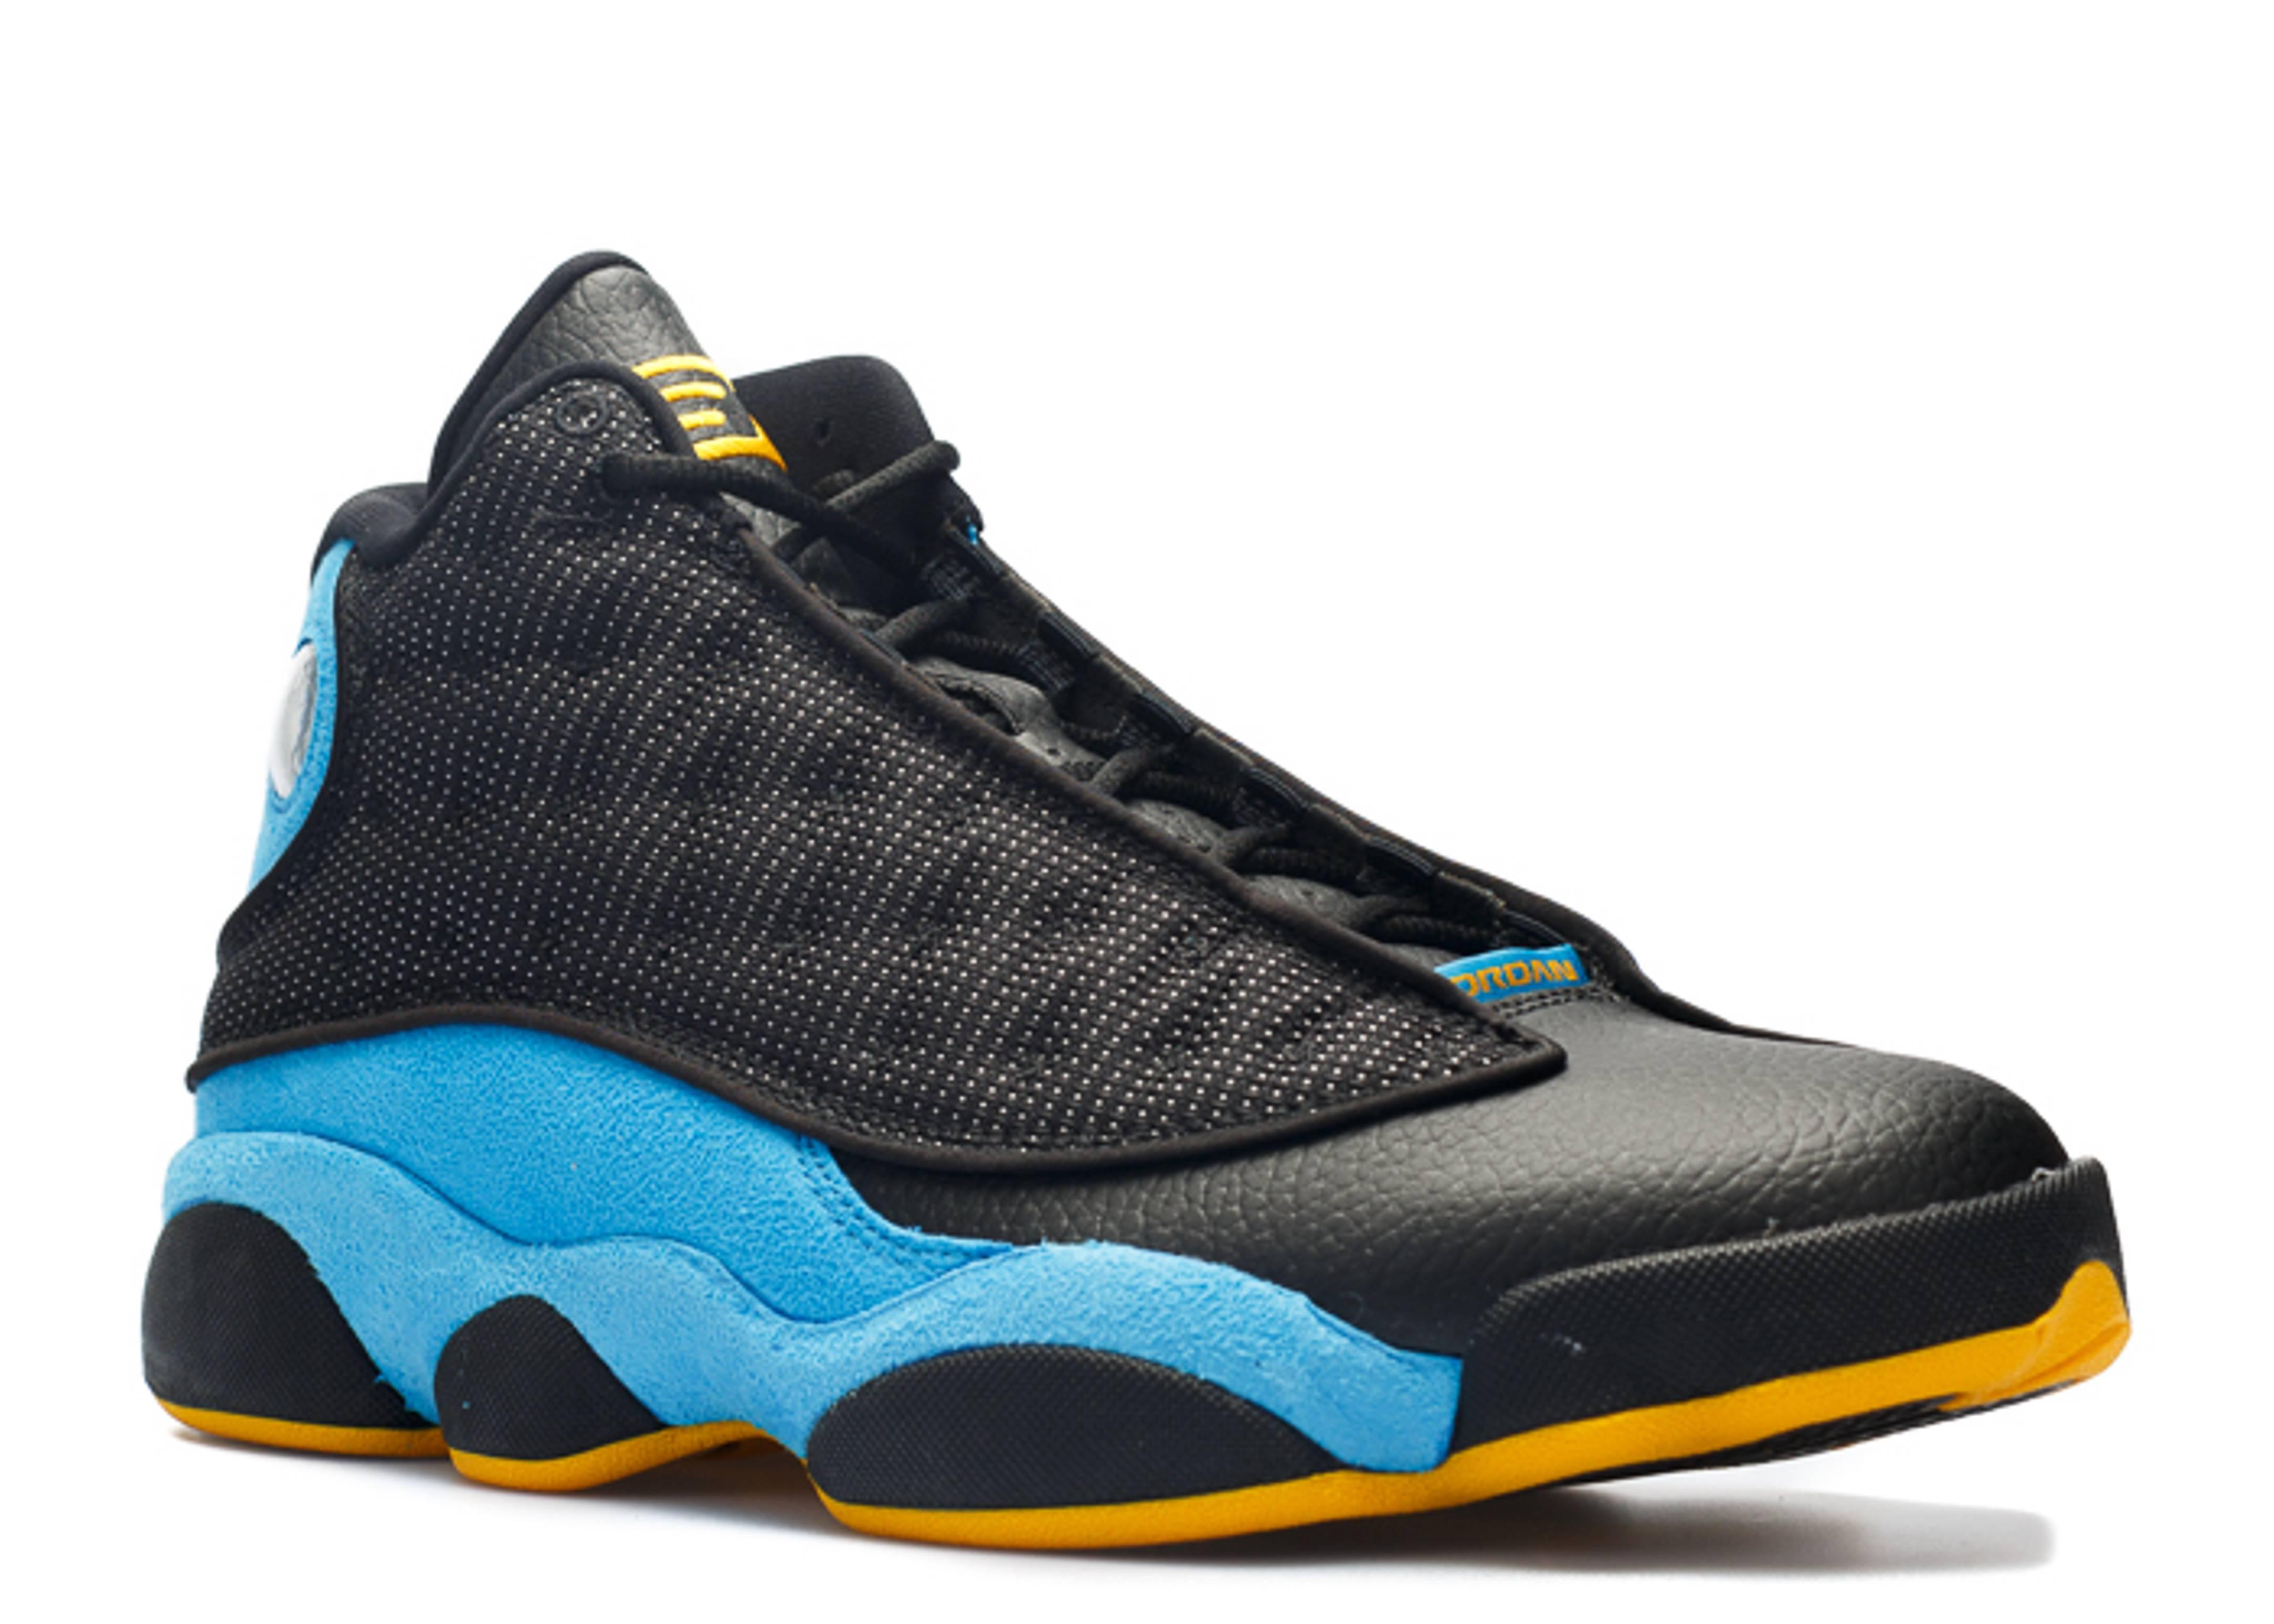 6e4edc1dba4 Air Jordan 13 Retro Cp Pe